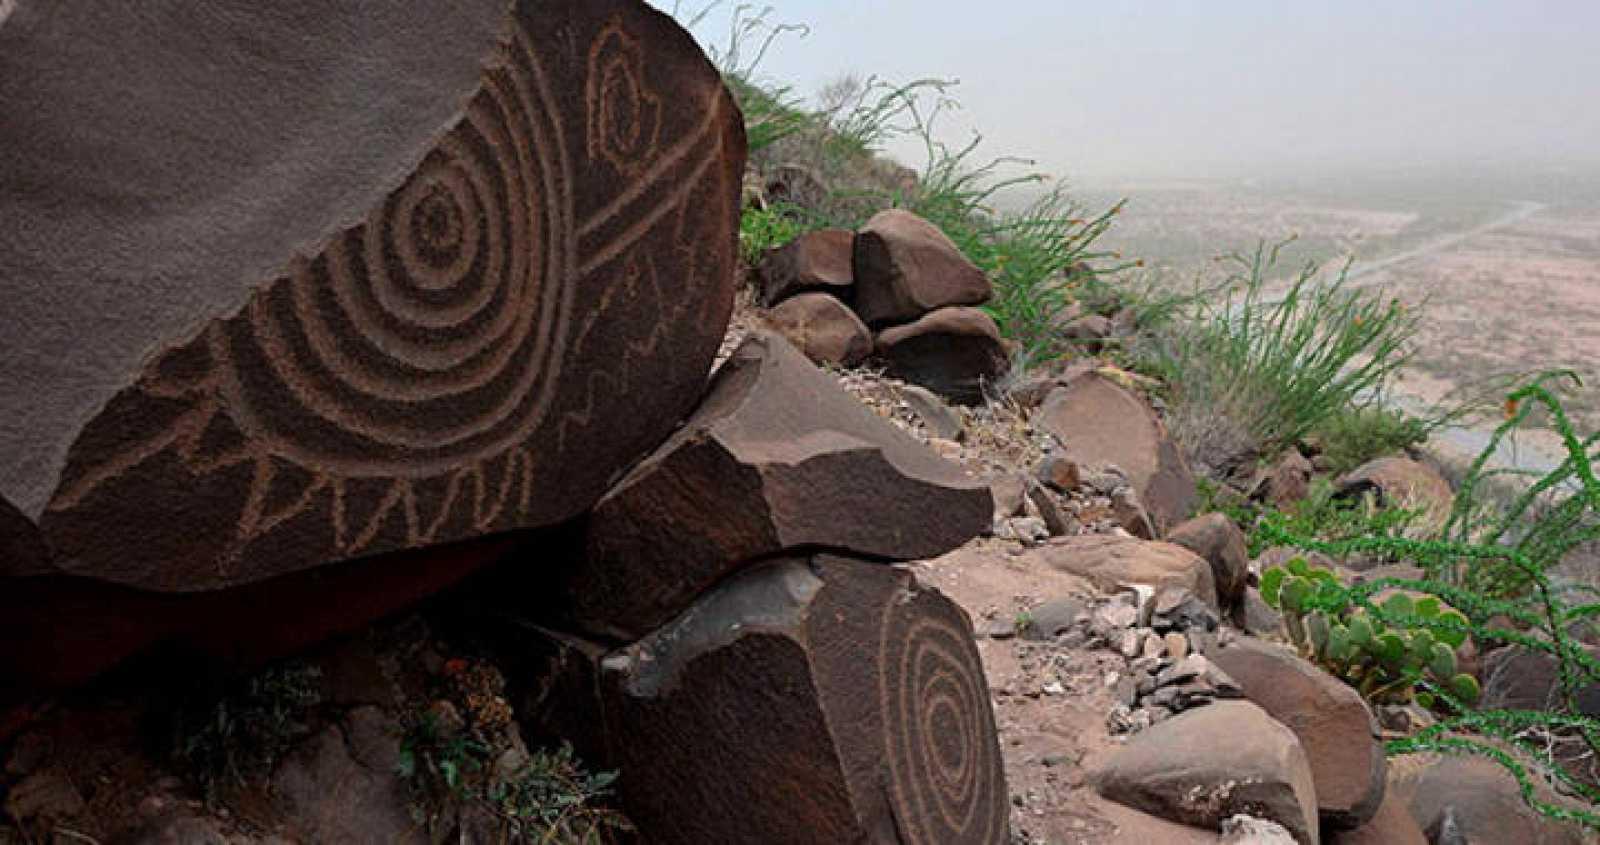 Petroglifos de 6.000 años de antiguedad sobre las rocas en el yacimiento de Narigua, en las colinas del sur de Coahuila, México.